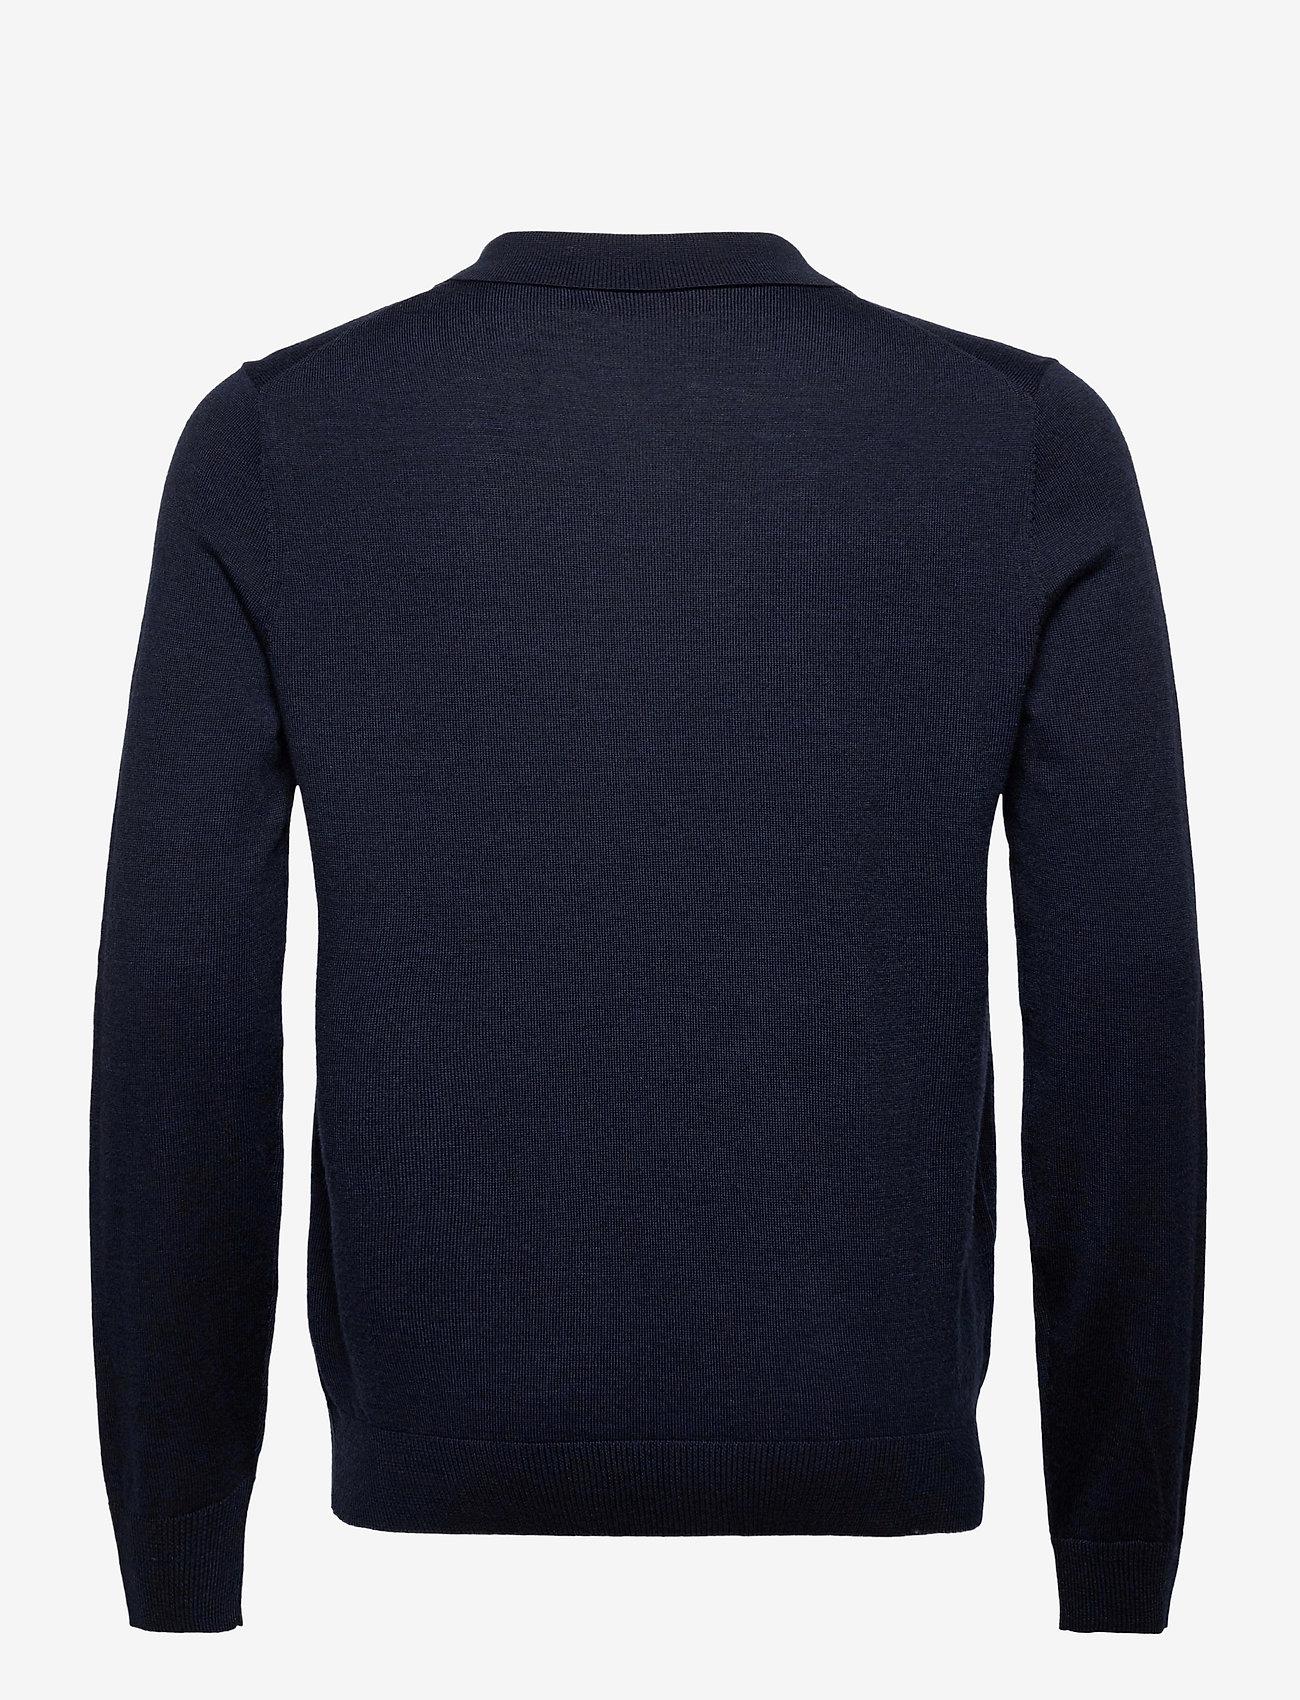 Morris Merino Polo Shirt - Poloskjorter NAVY - Menn Klær